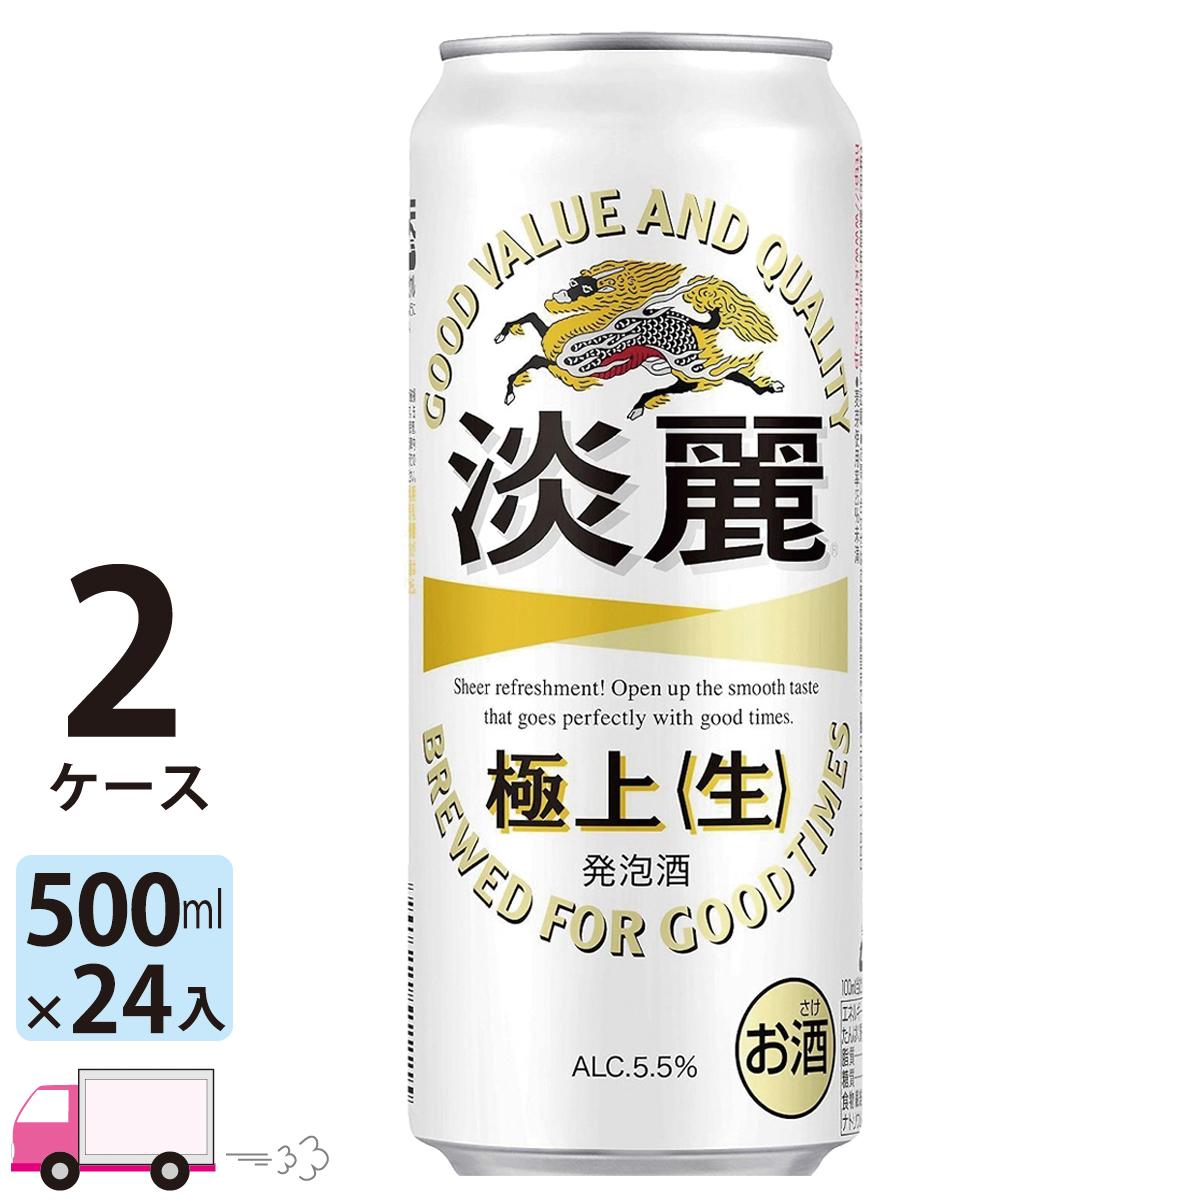 発泡酒でありながら、ビールさながらのキレとコク。 送料無料 キリン ビール 淡麗 極上(生) 500ml ×24缶入 2ケース (48本)